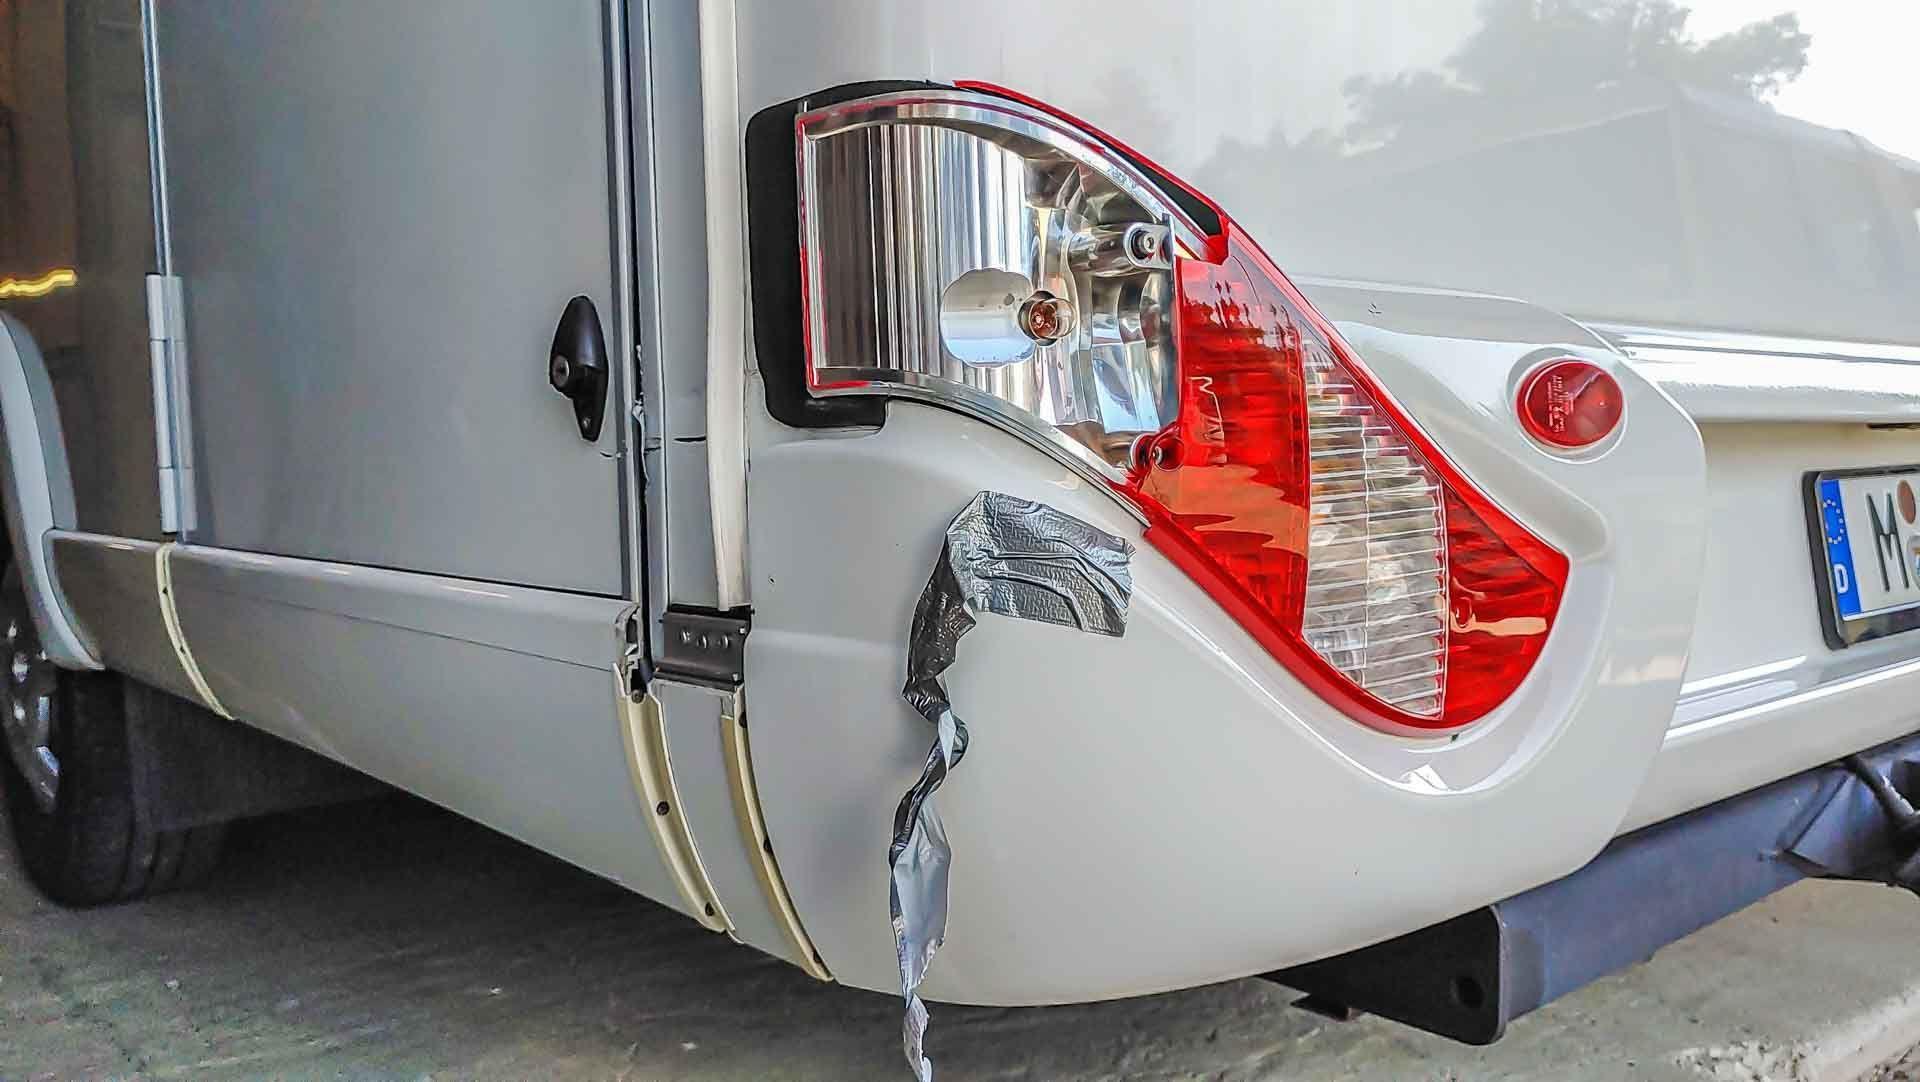 fachgerechte Unfallinstandsetzung eines Heckschadens an einem Reisemobil